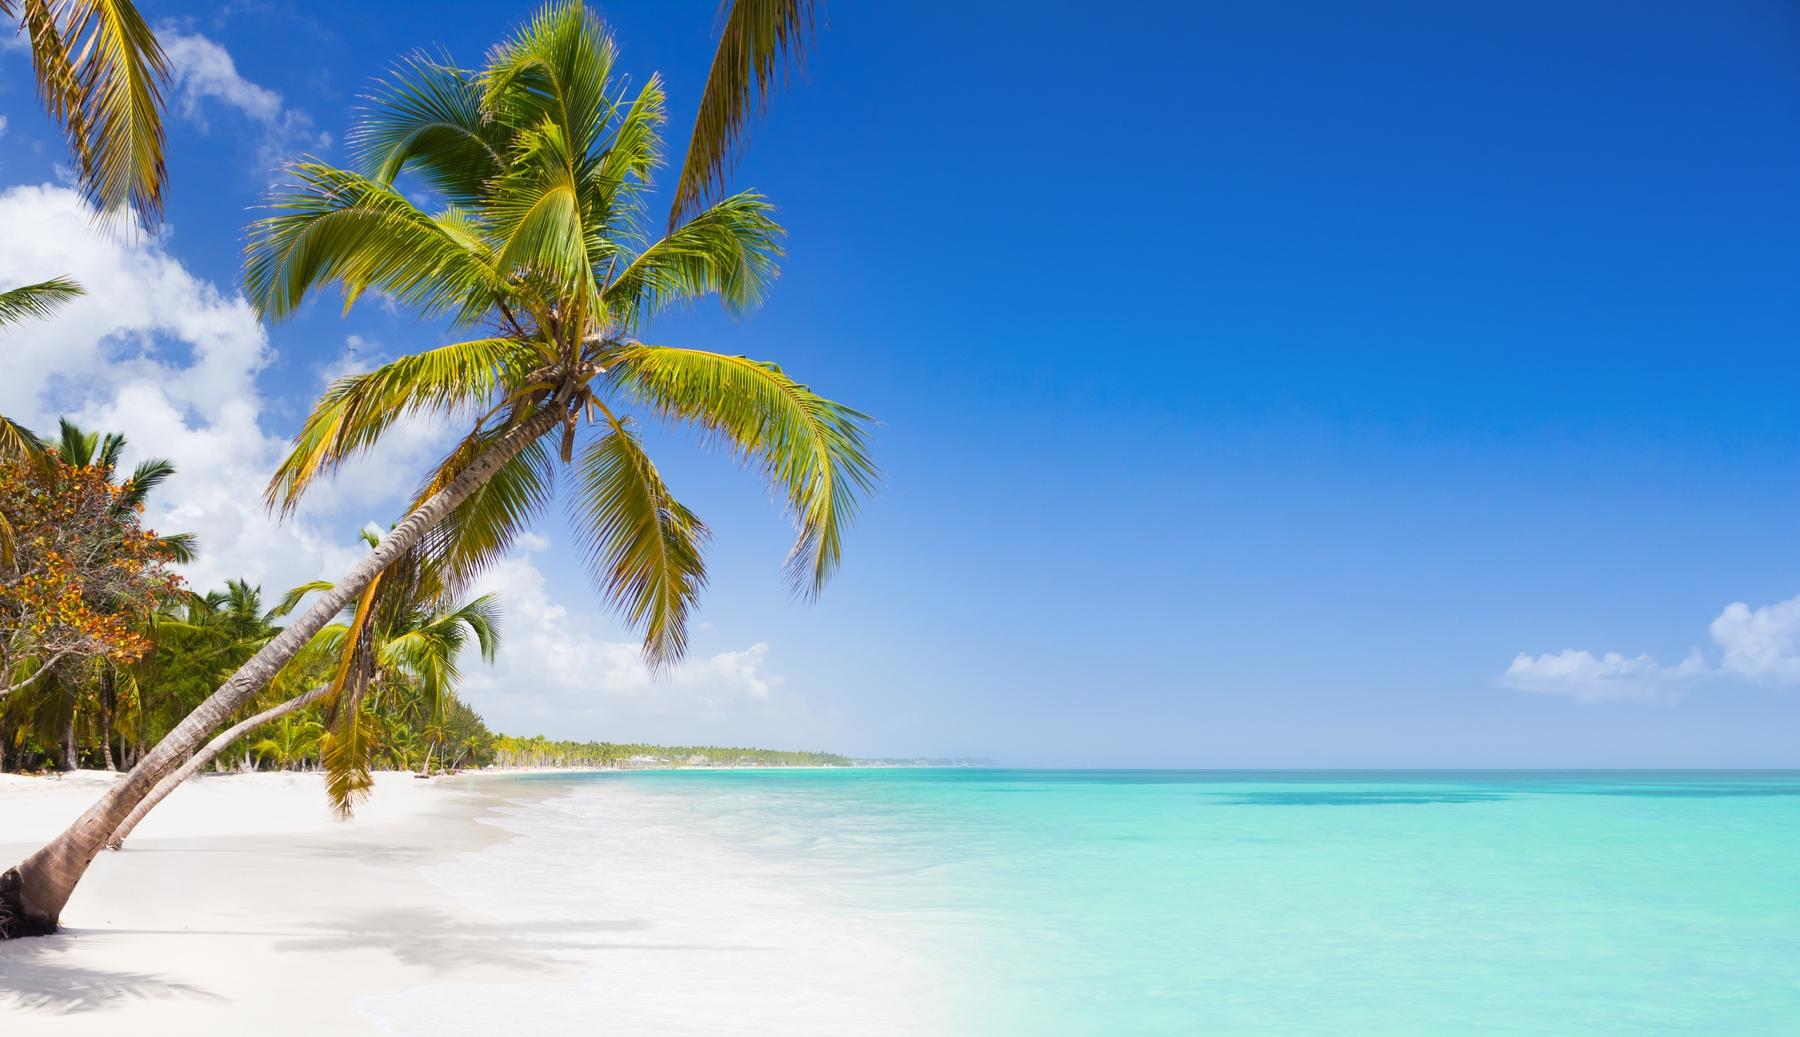 Пляж в Доминикане — где отдохнуть на море зимой